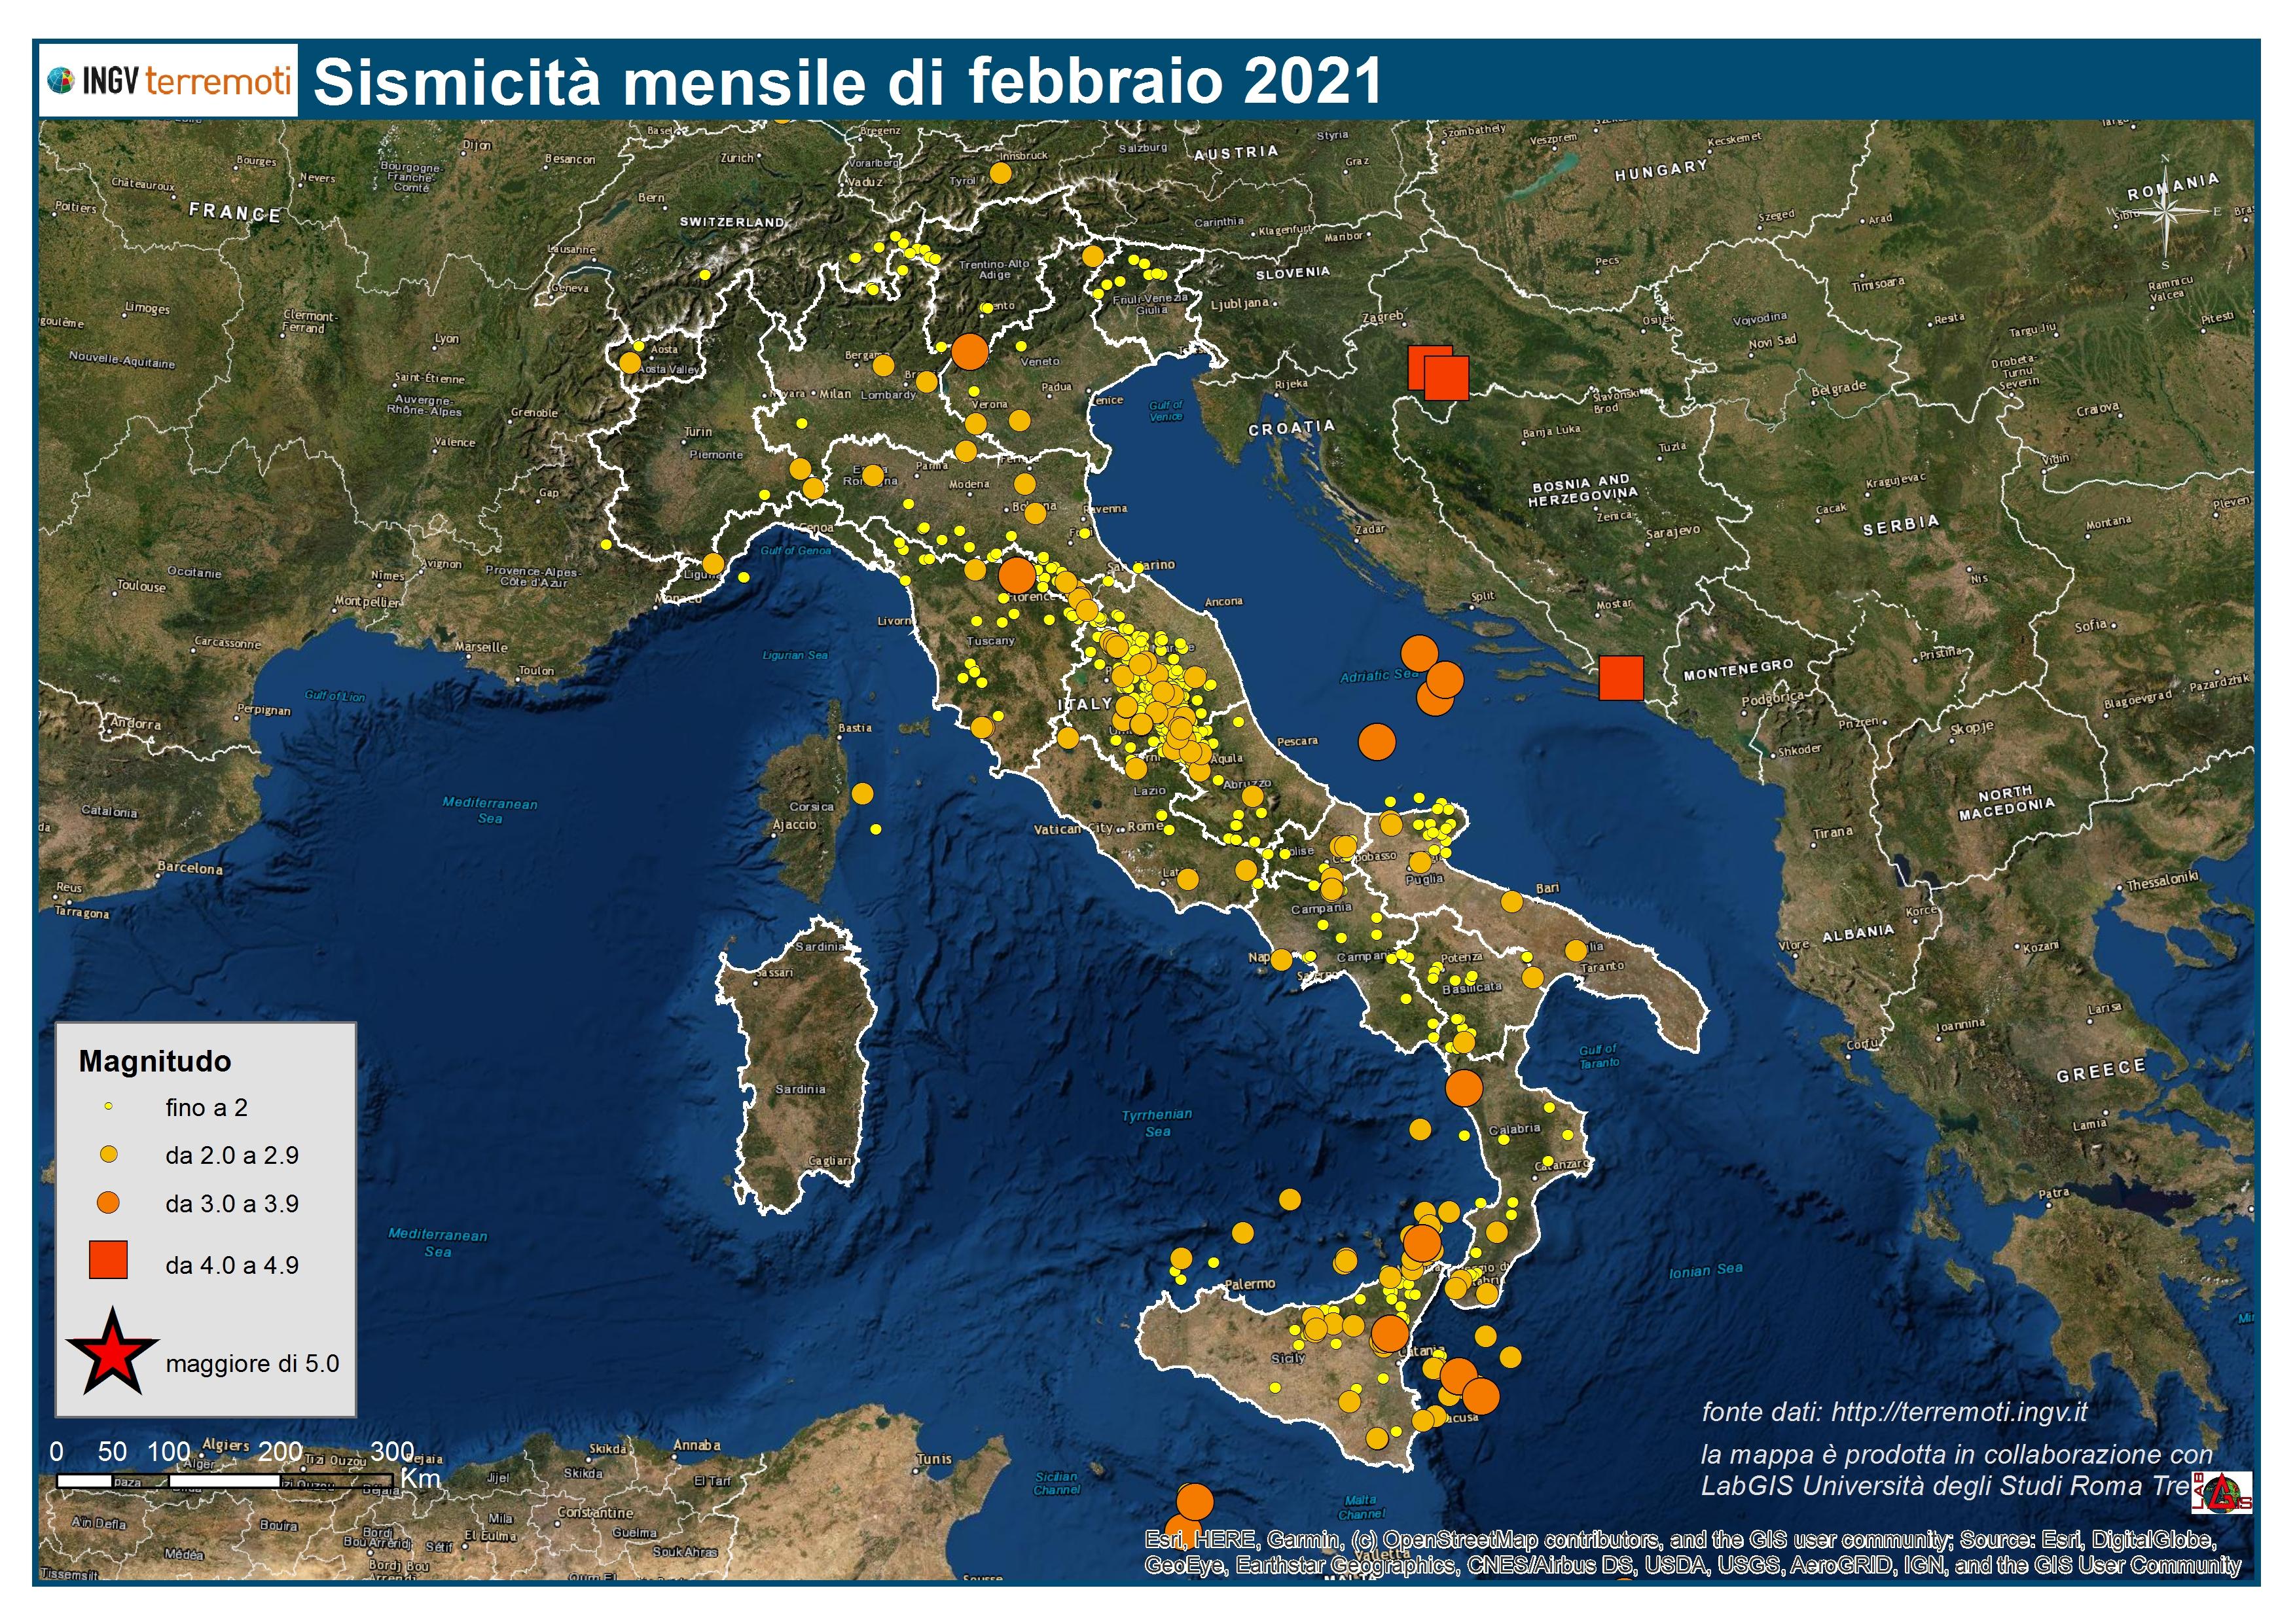 Mappa della sismicità di febbraio 2021